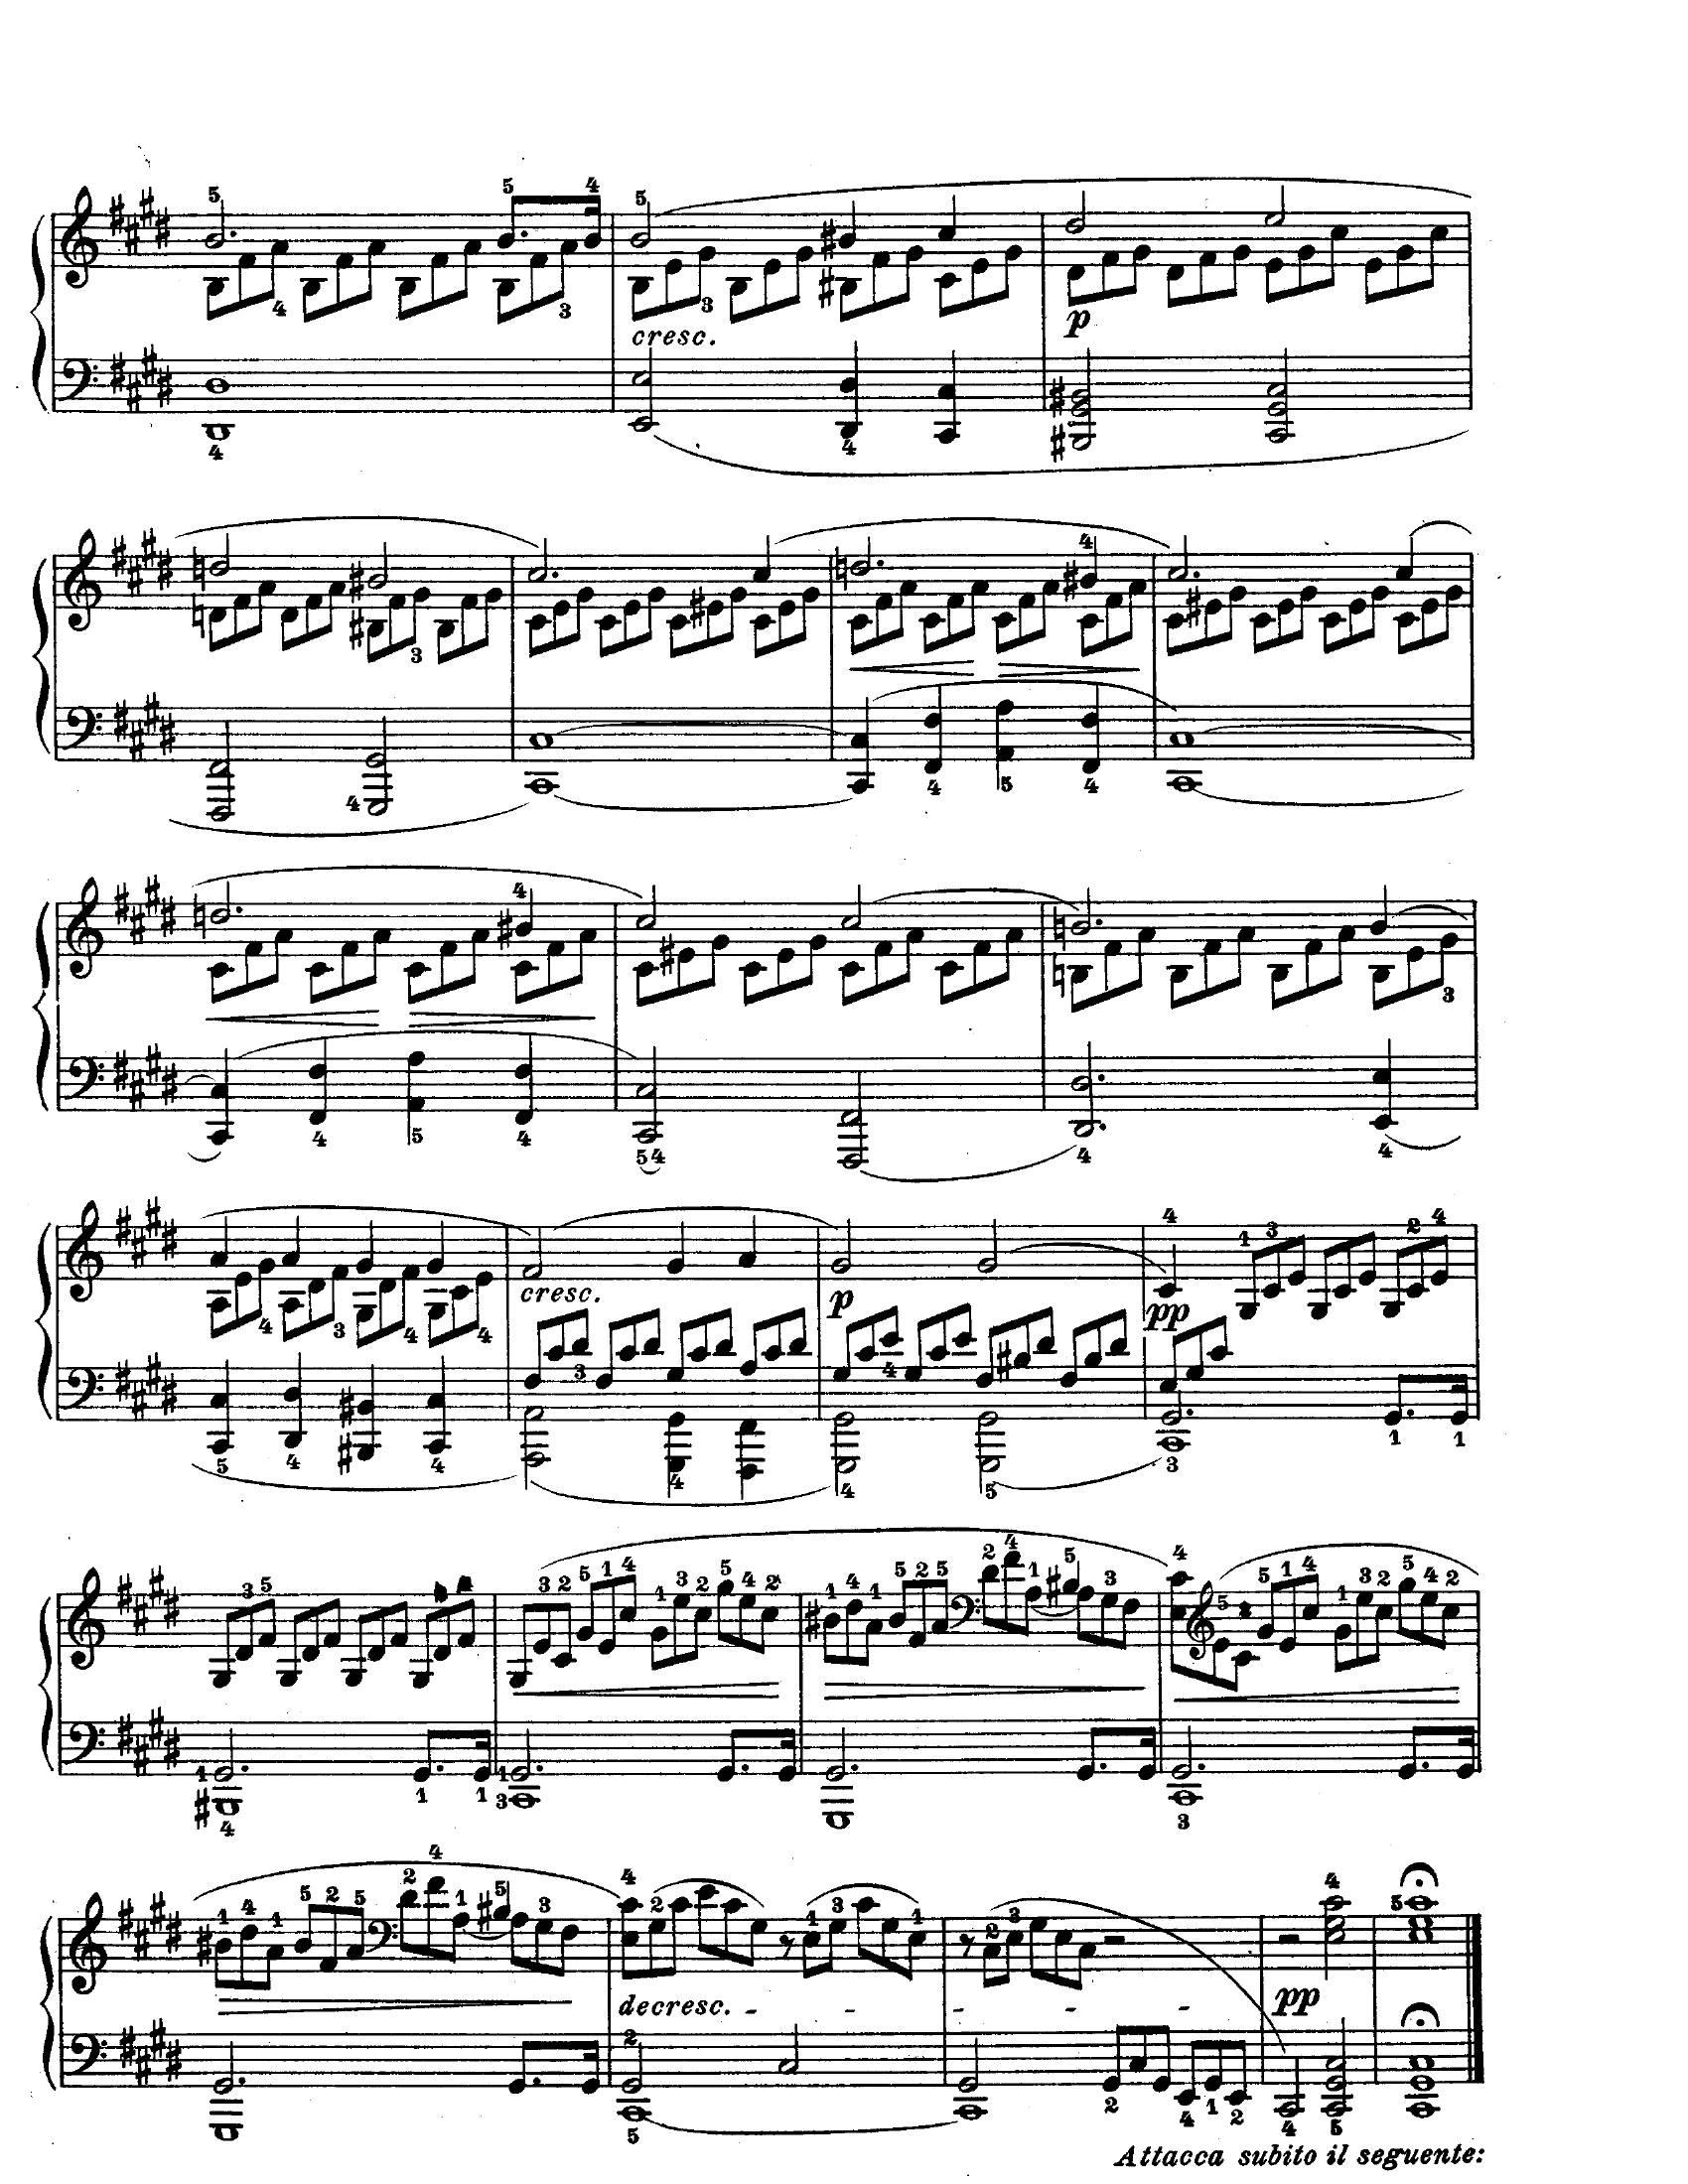 Beethoven Moonlight3 - نت آهنگ Moonlight از Beethoven